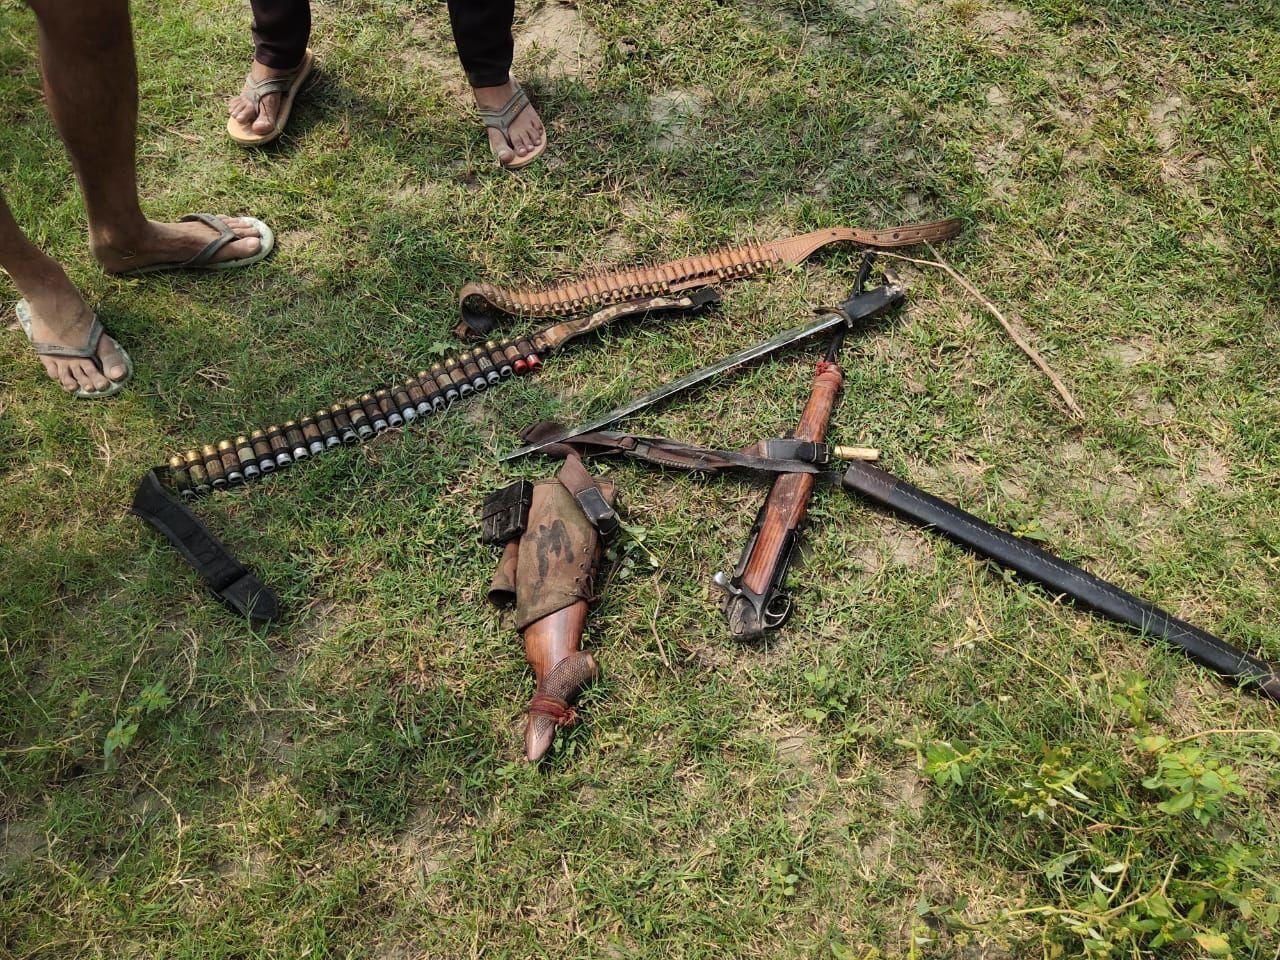 नोएडा : खनन करने के दौरान हुई फायरिंग, दो लोगों को लगी गोली